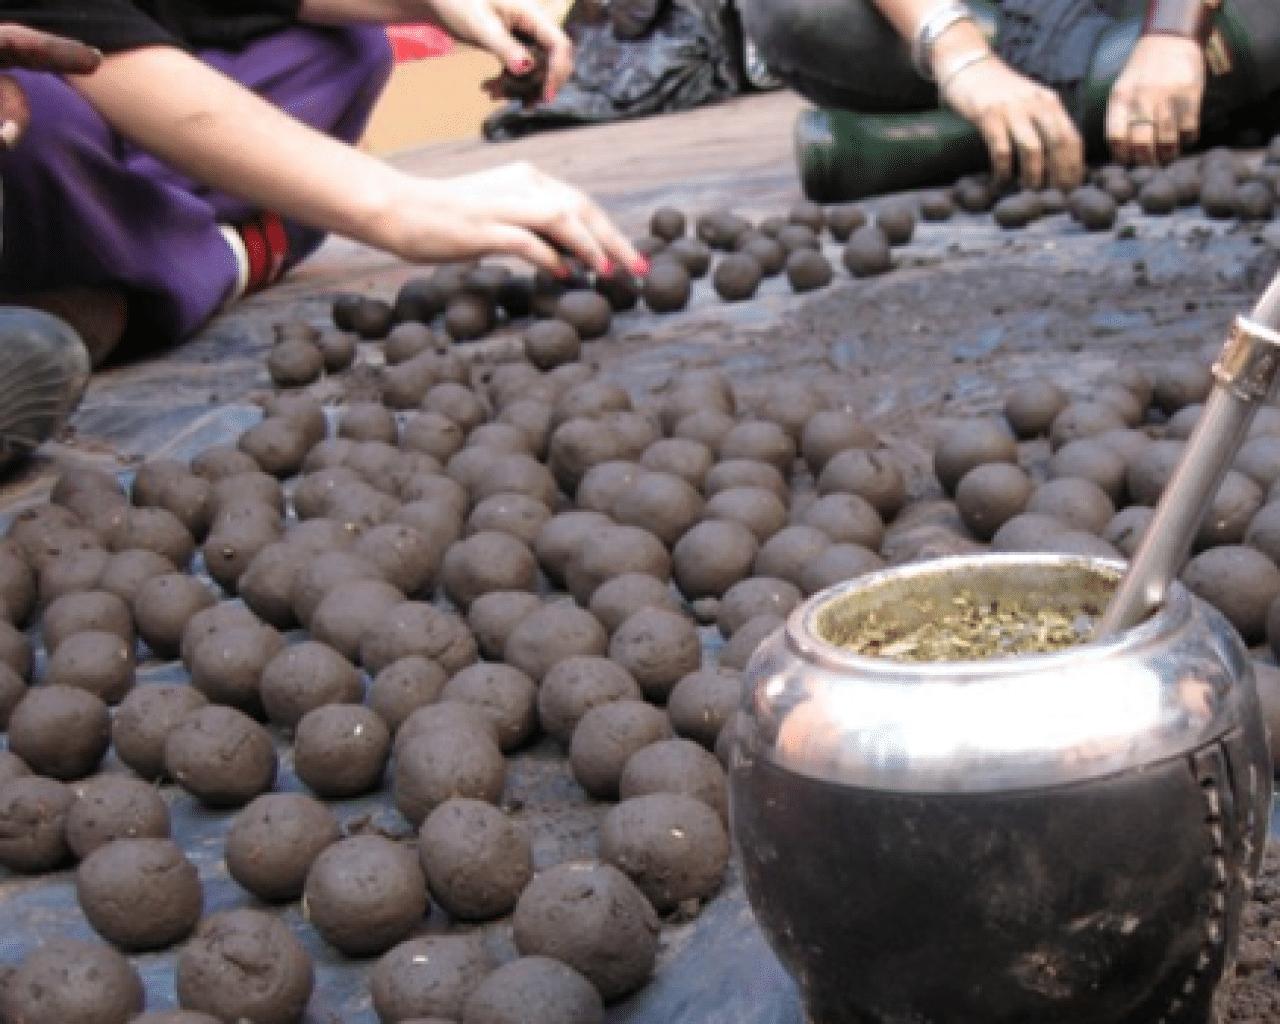 Bombas de semillas agricultura natural la huertina de toni - Preparacion de la tierra para sembrar ...